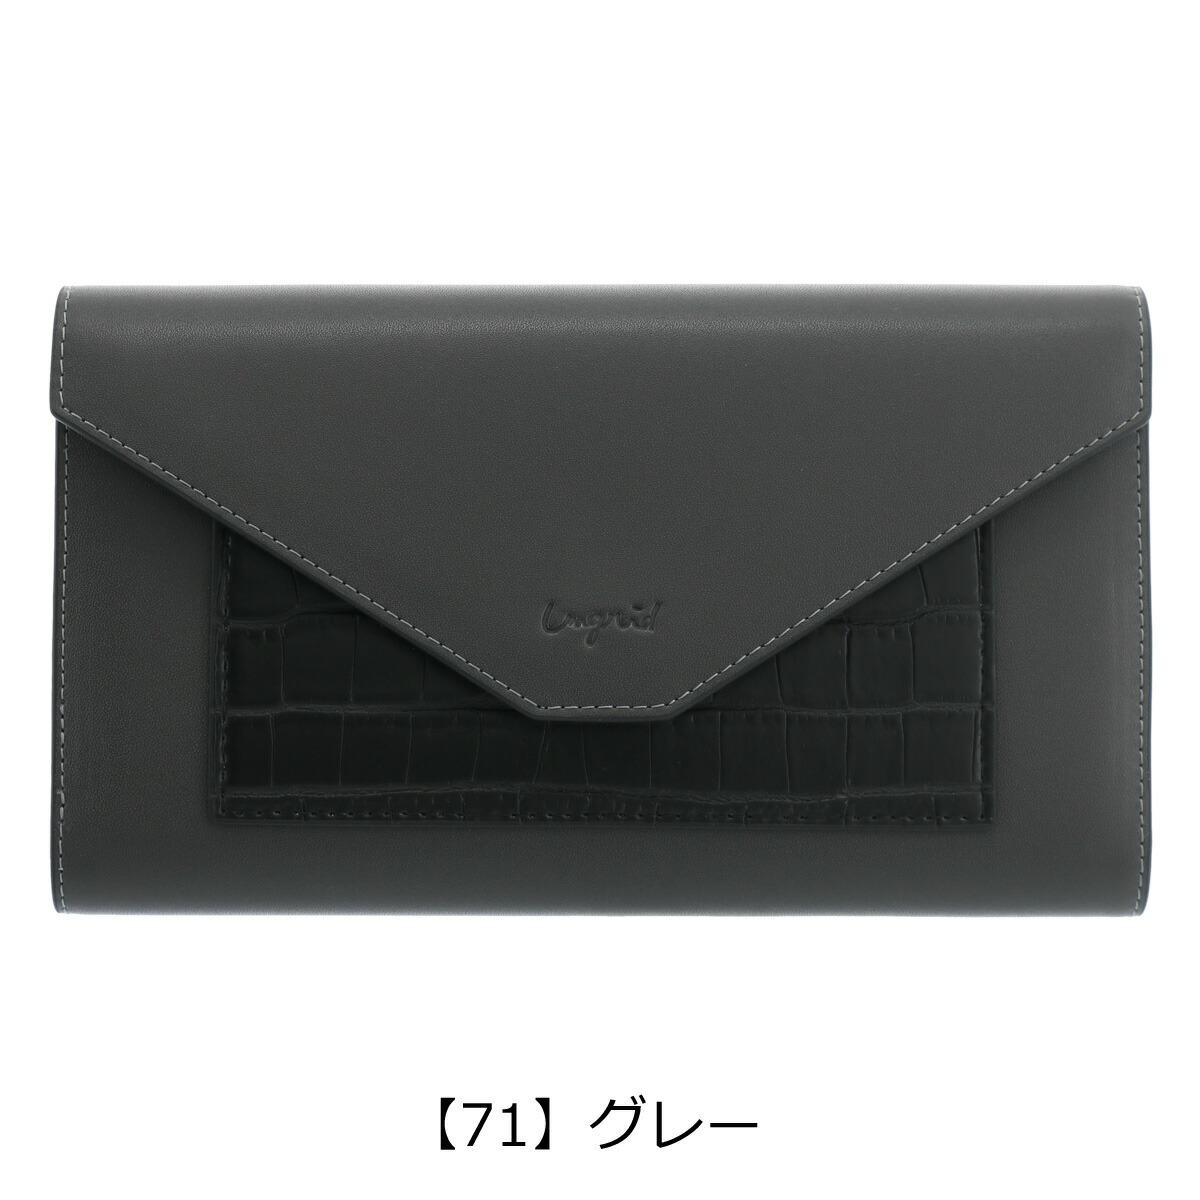 【71】グレー